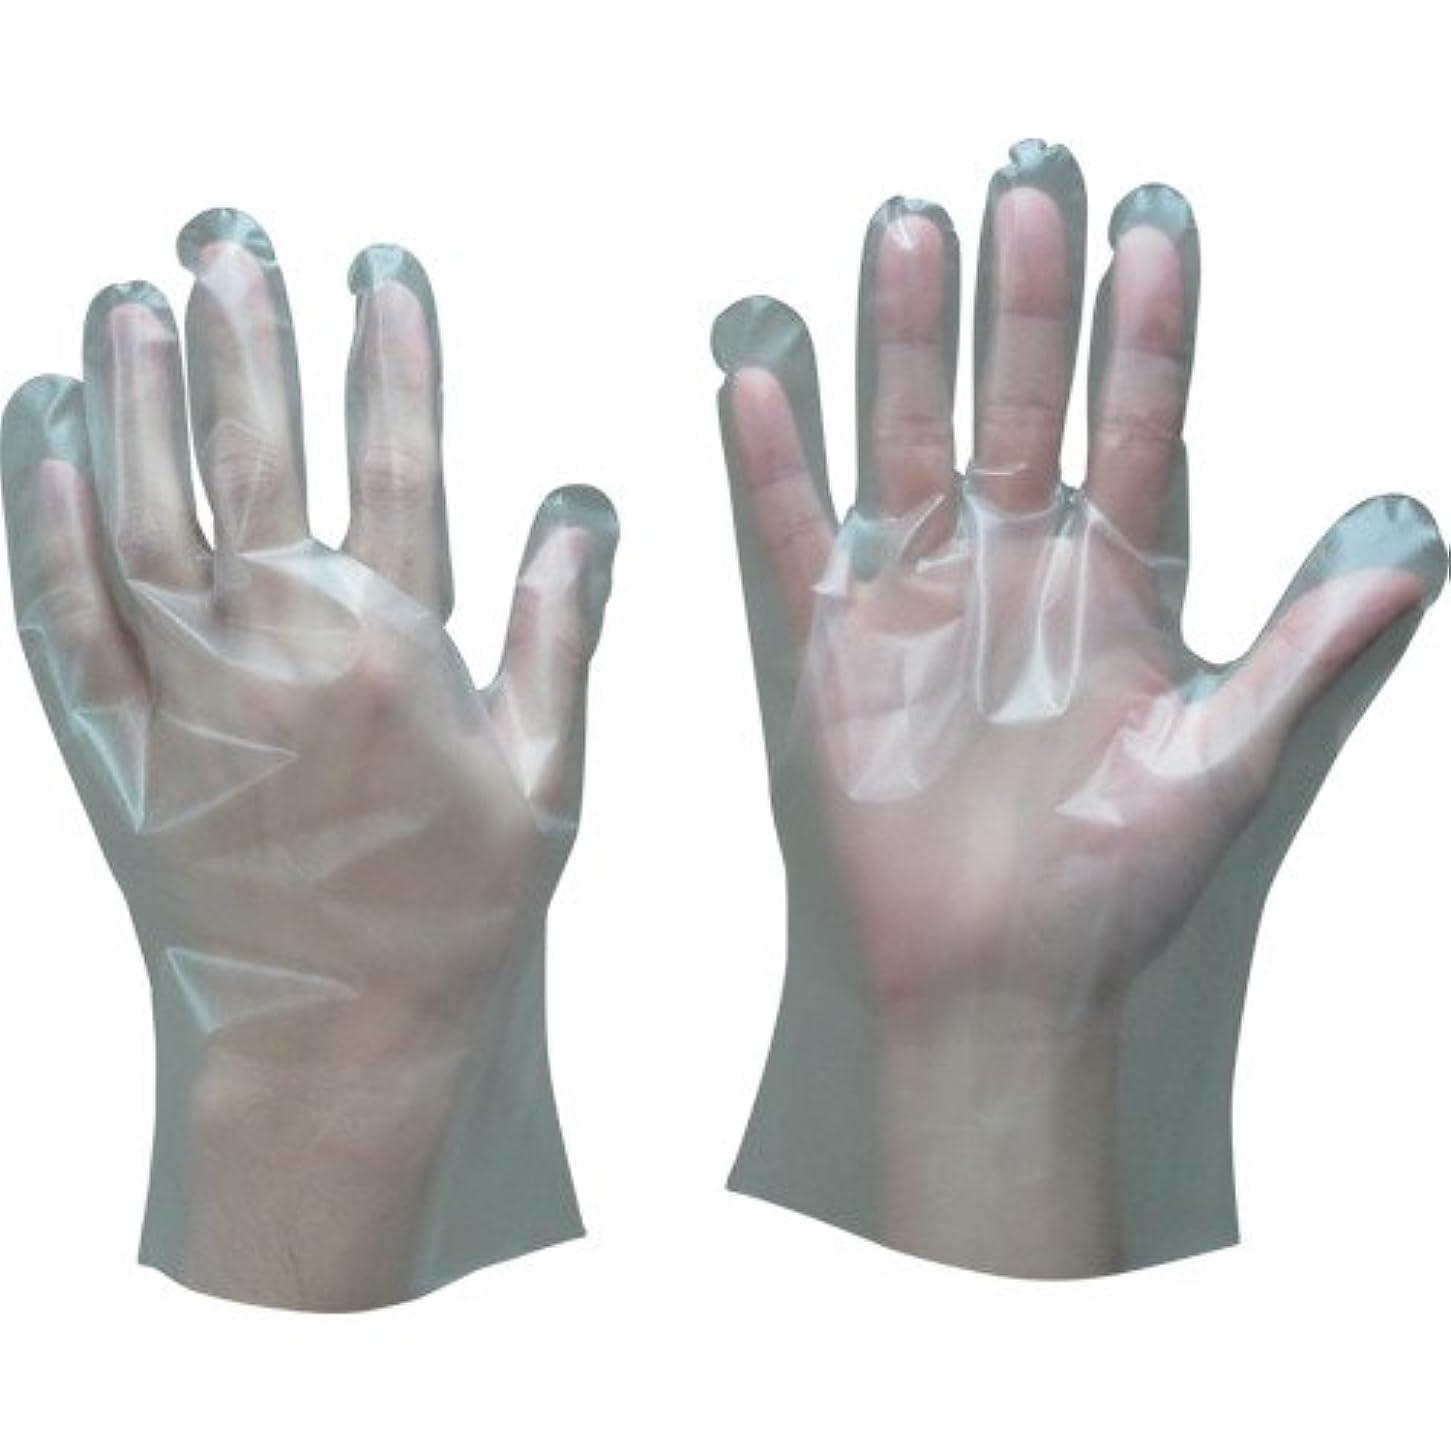 スペイン木製彫刻株 東和コーポレーション トワロン ポリエチレン手袋内エンボス 100枚入 M 409-M